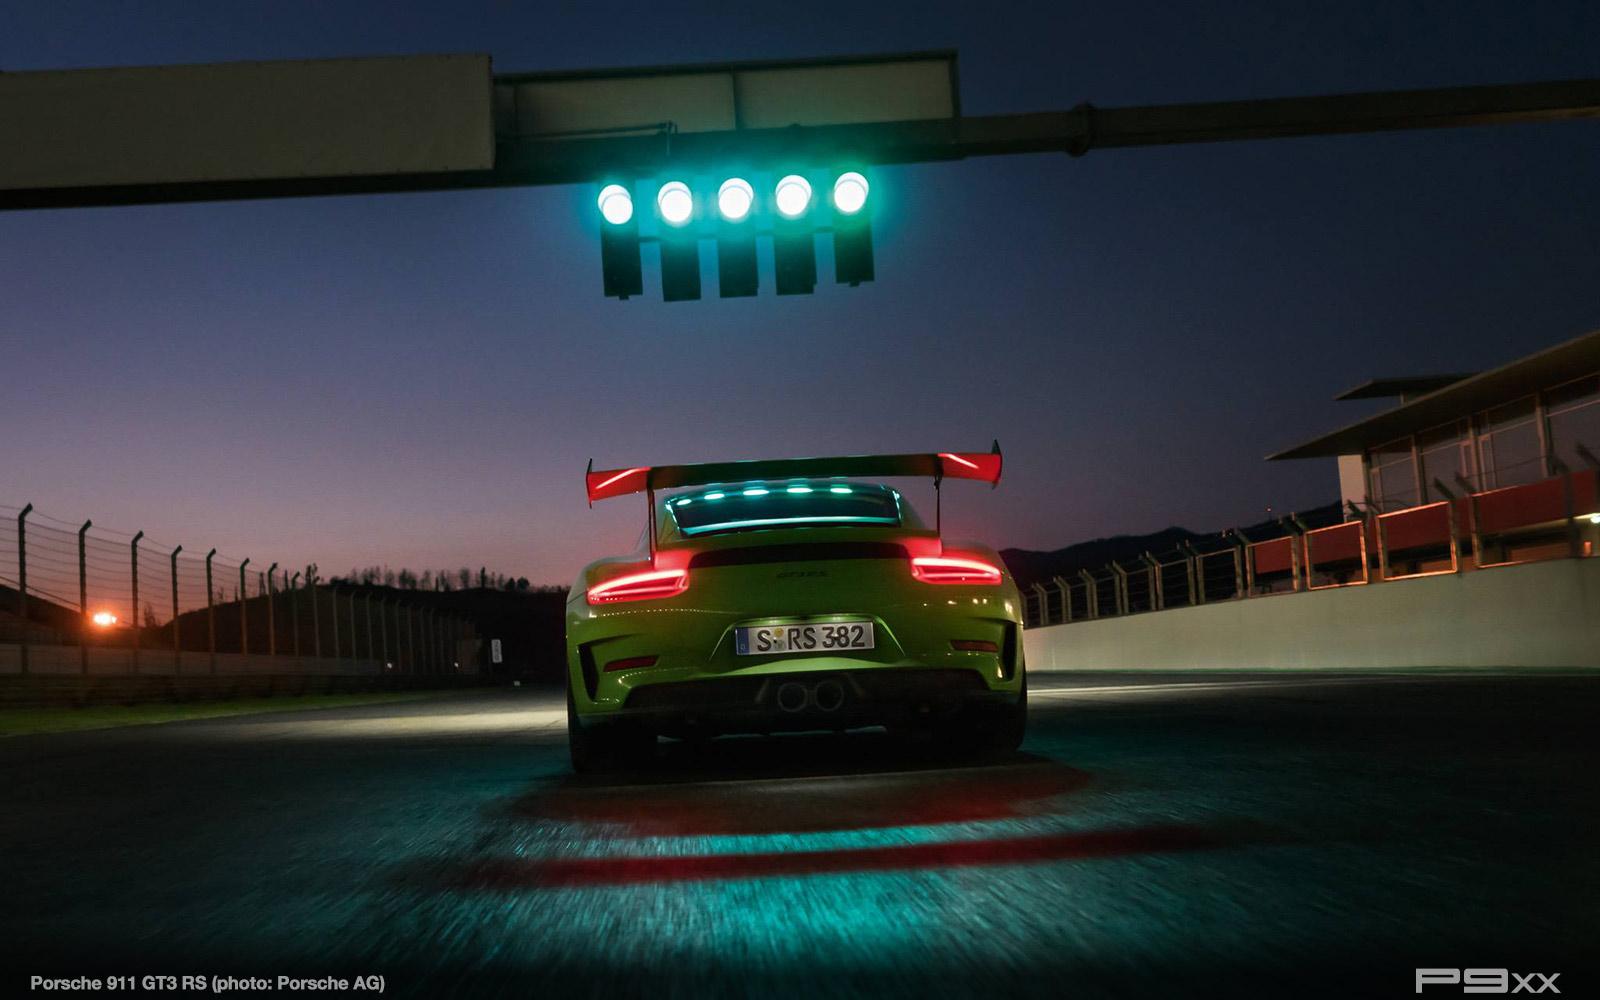 Porsche-991-2-911-GT3-RS-326